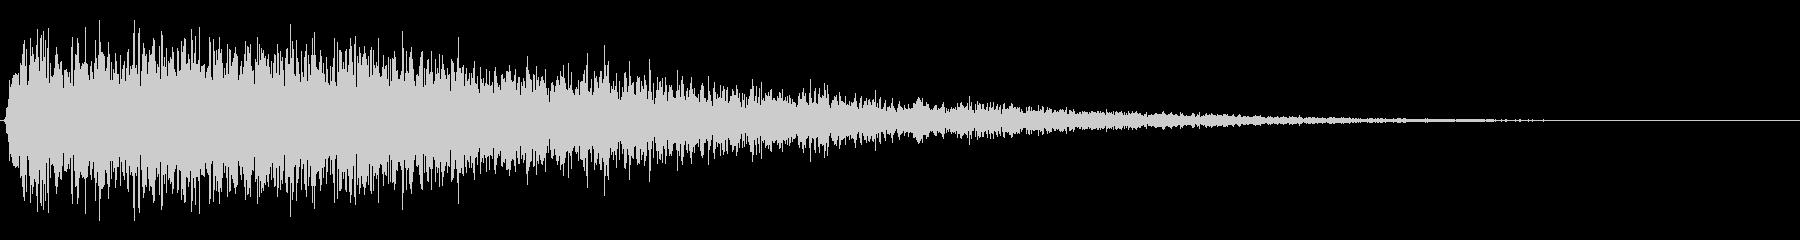 ホローブーマーインパクト1の未再生の波形